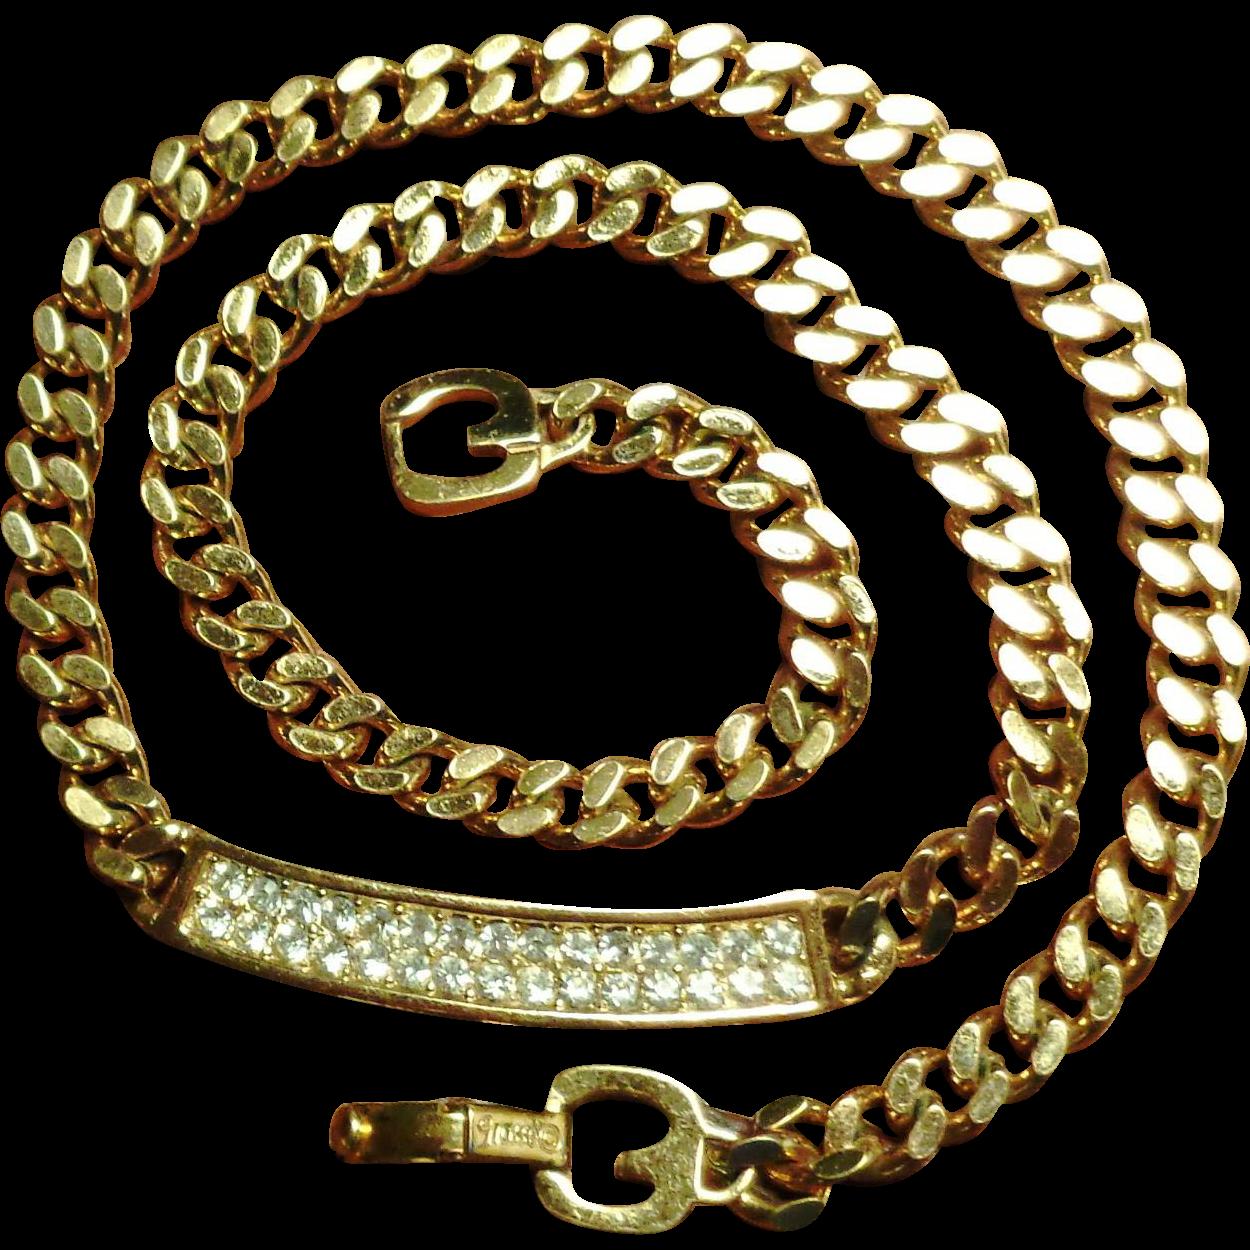 Henkel Grosse Gold Plated Crystal Necklace